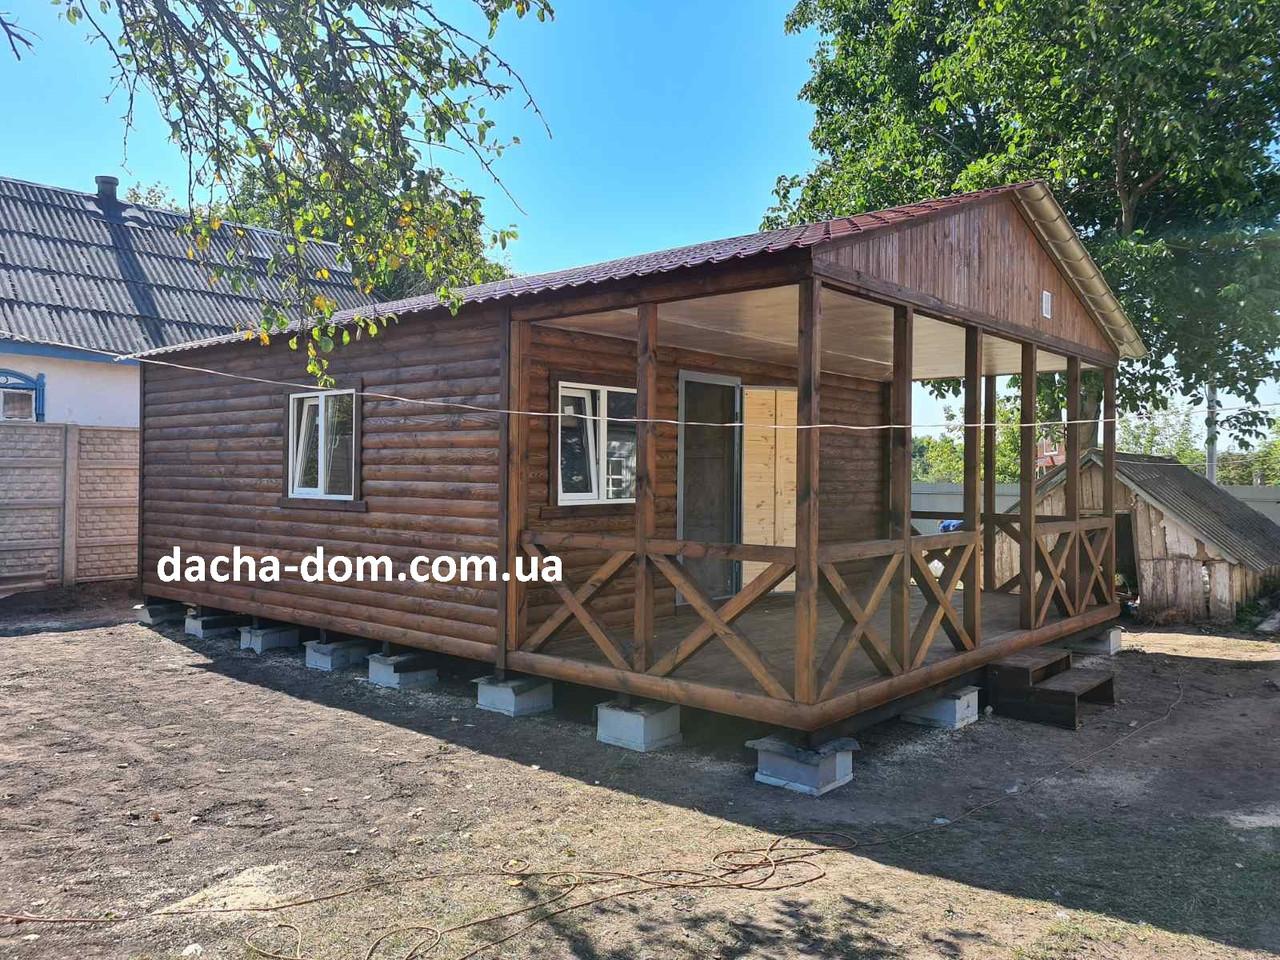 Дачный домик 6м*8,5м включая  террасу